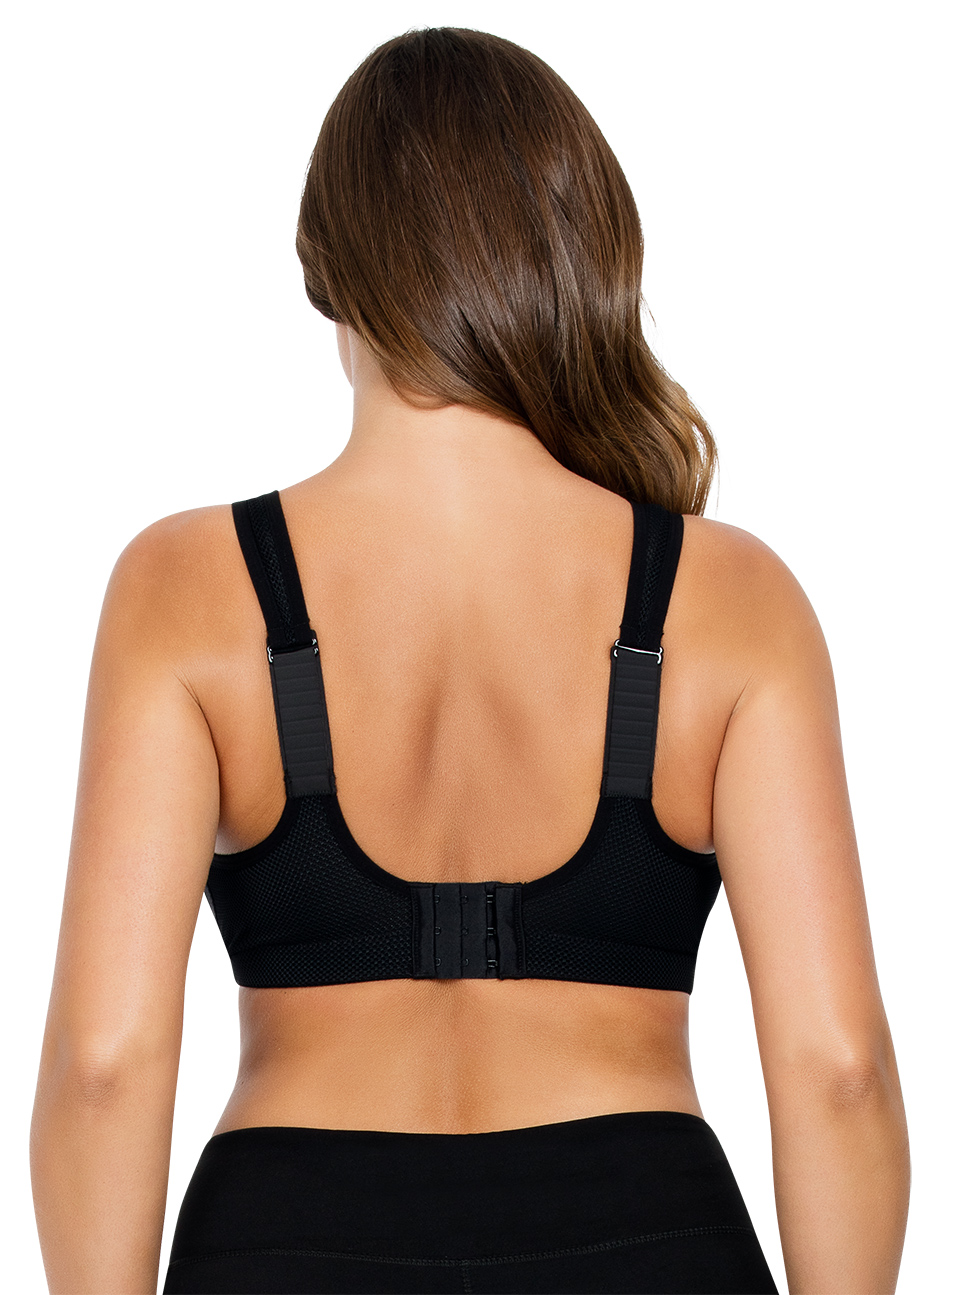 PARFAIT ParfaitActive WirelessUnlinedSportsBraP5542 Black Back close - Parfait Active Sports Bra - Black - P5542